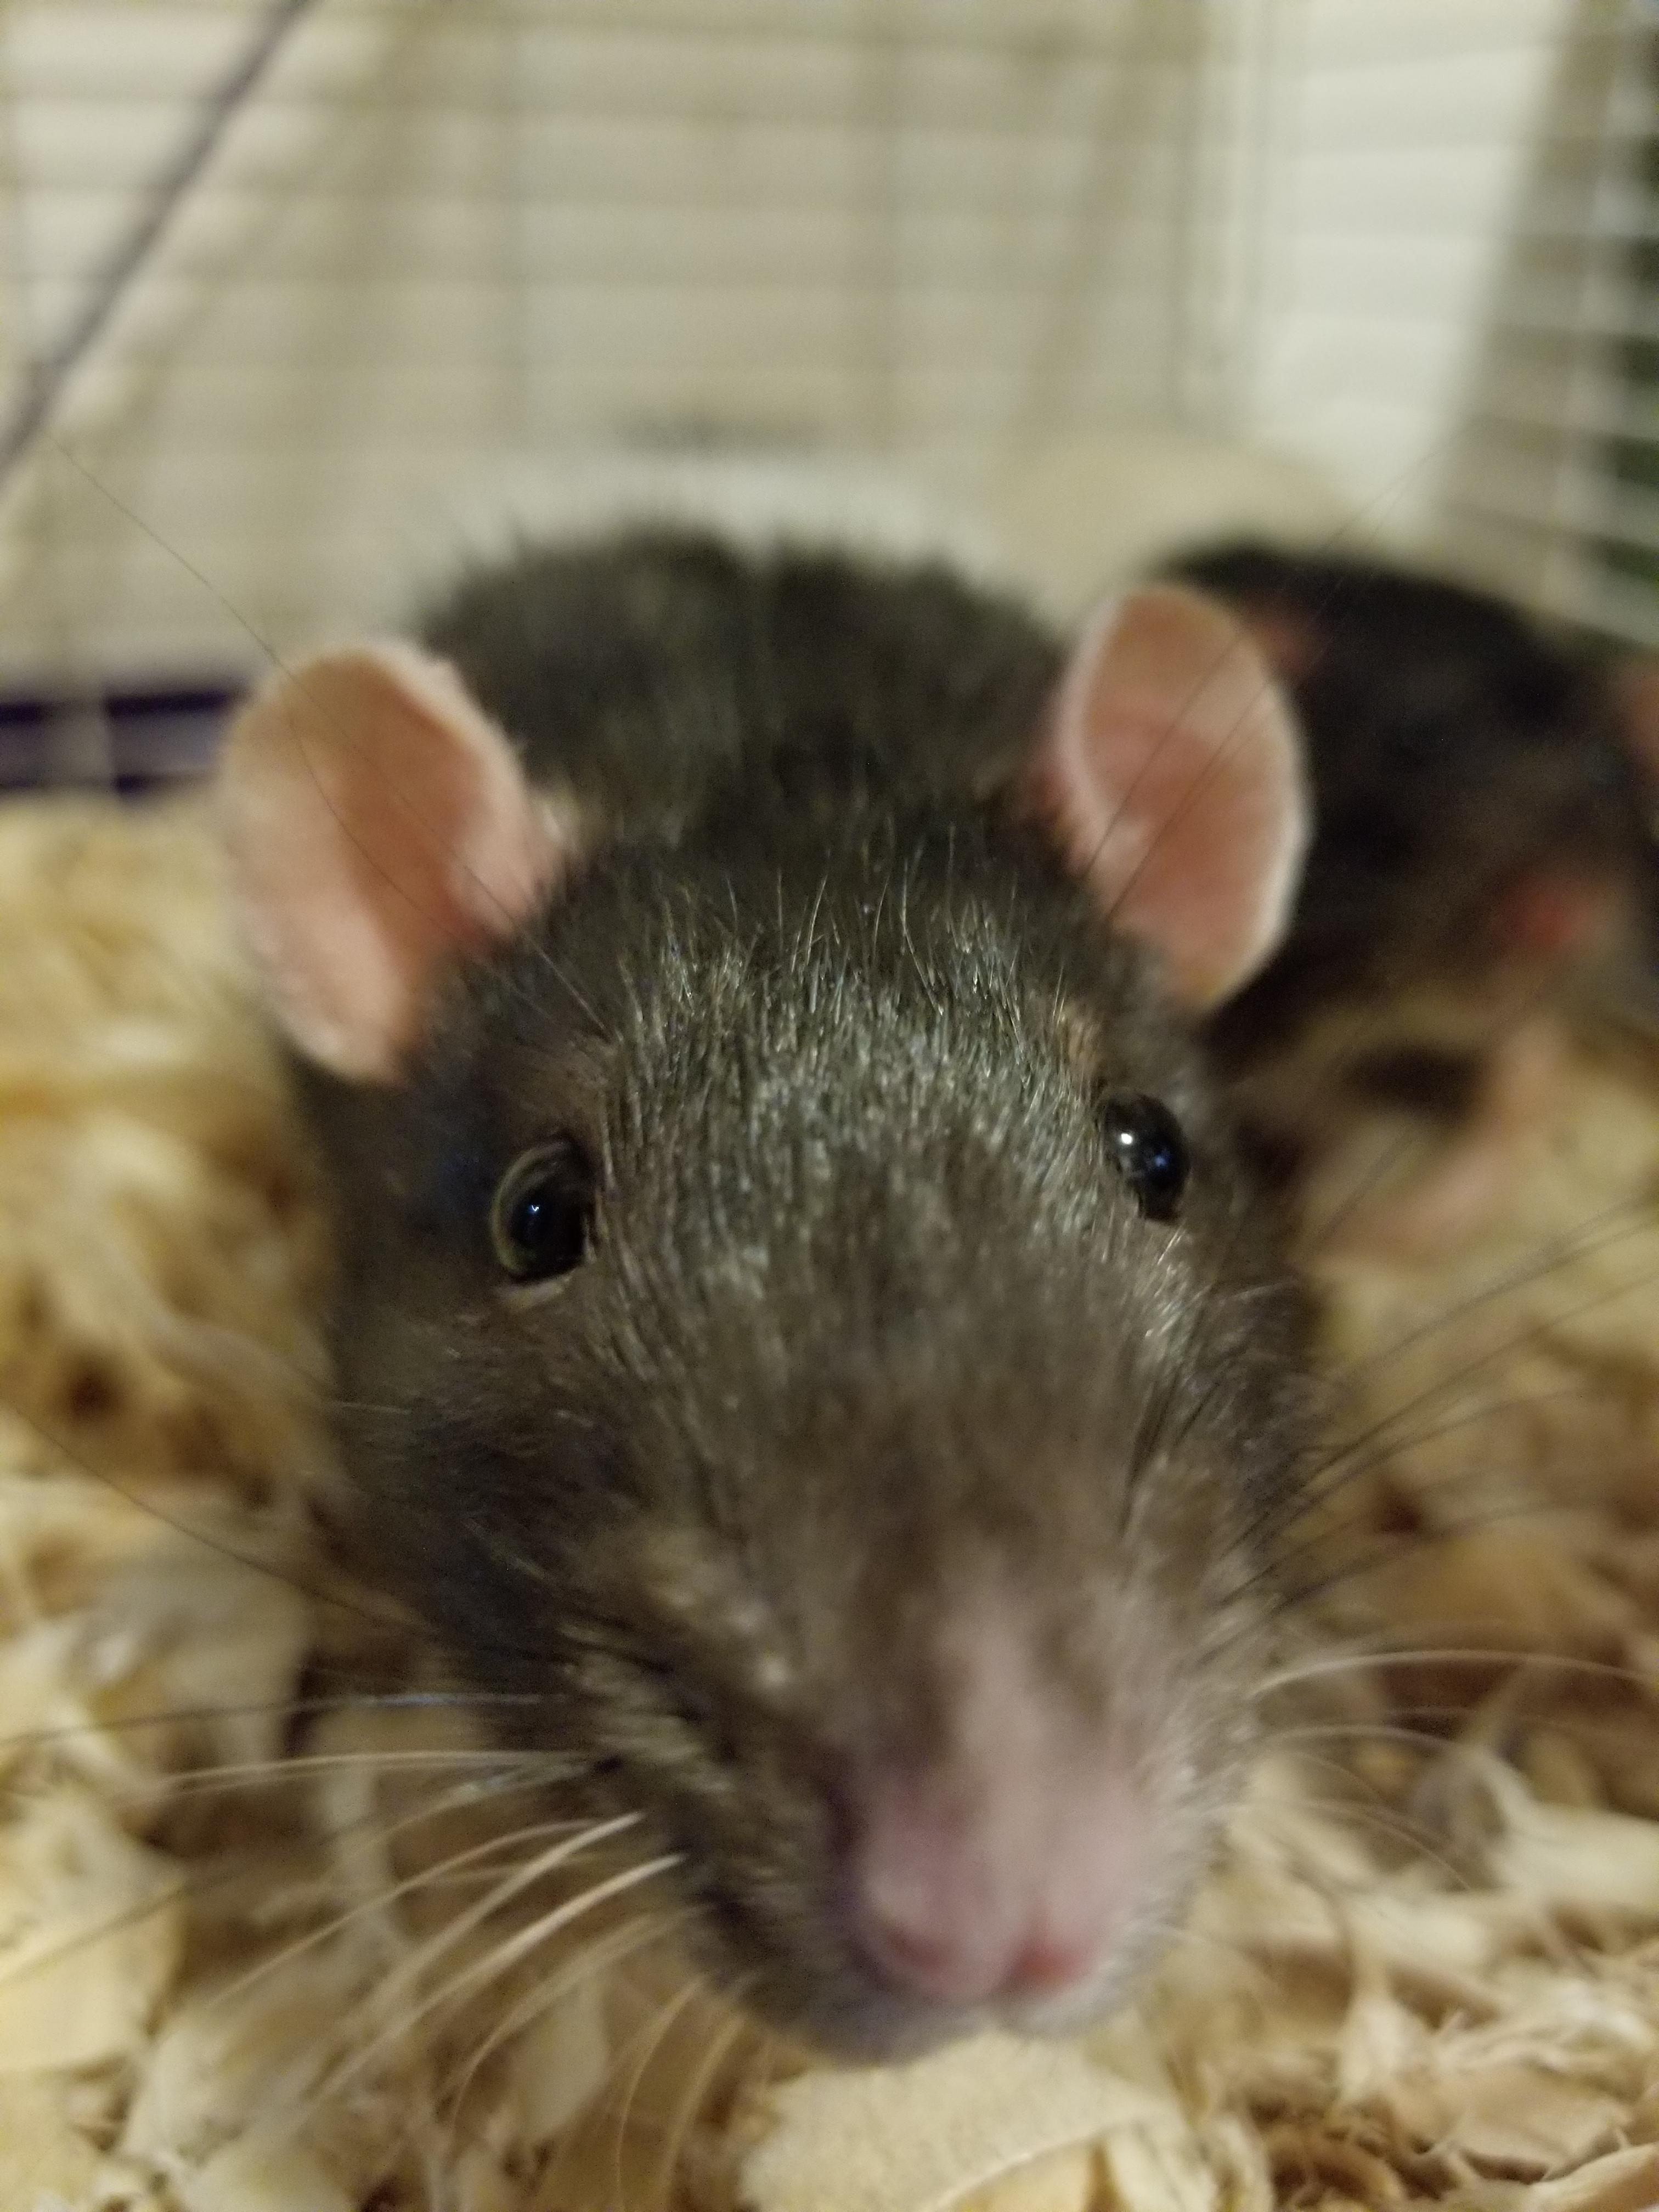 small boi #aww #cute #rat #cuterats #ratsofpinterest #cuddle #fluffy